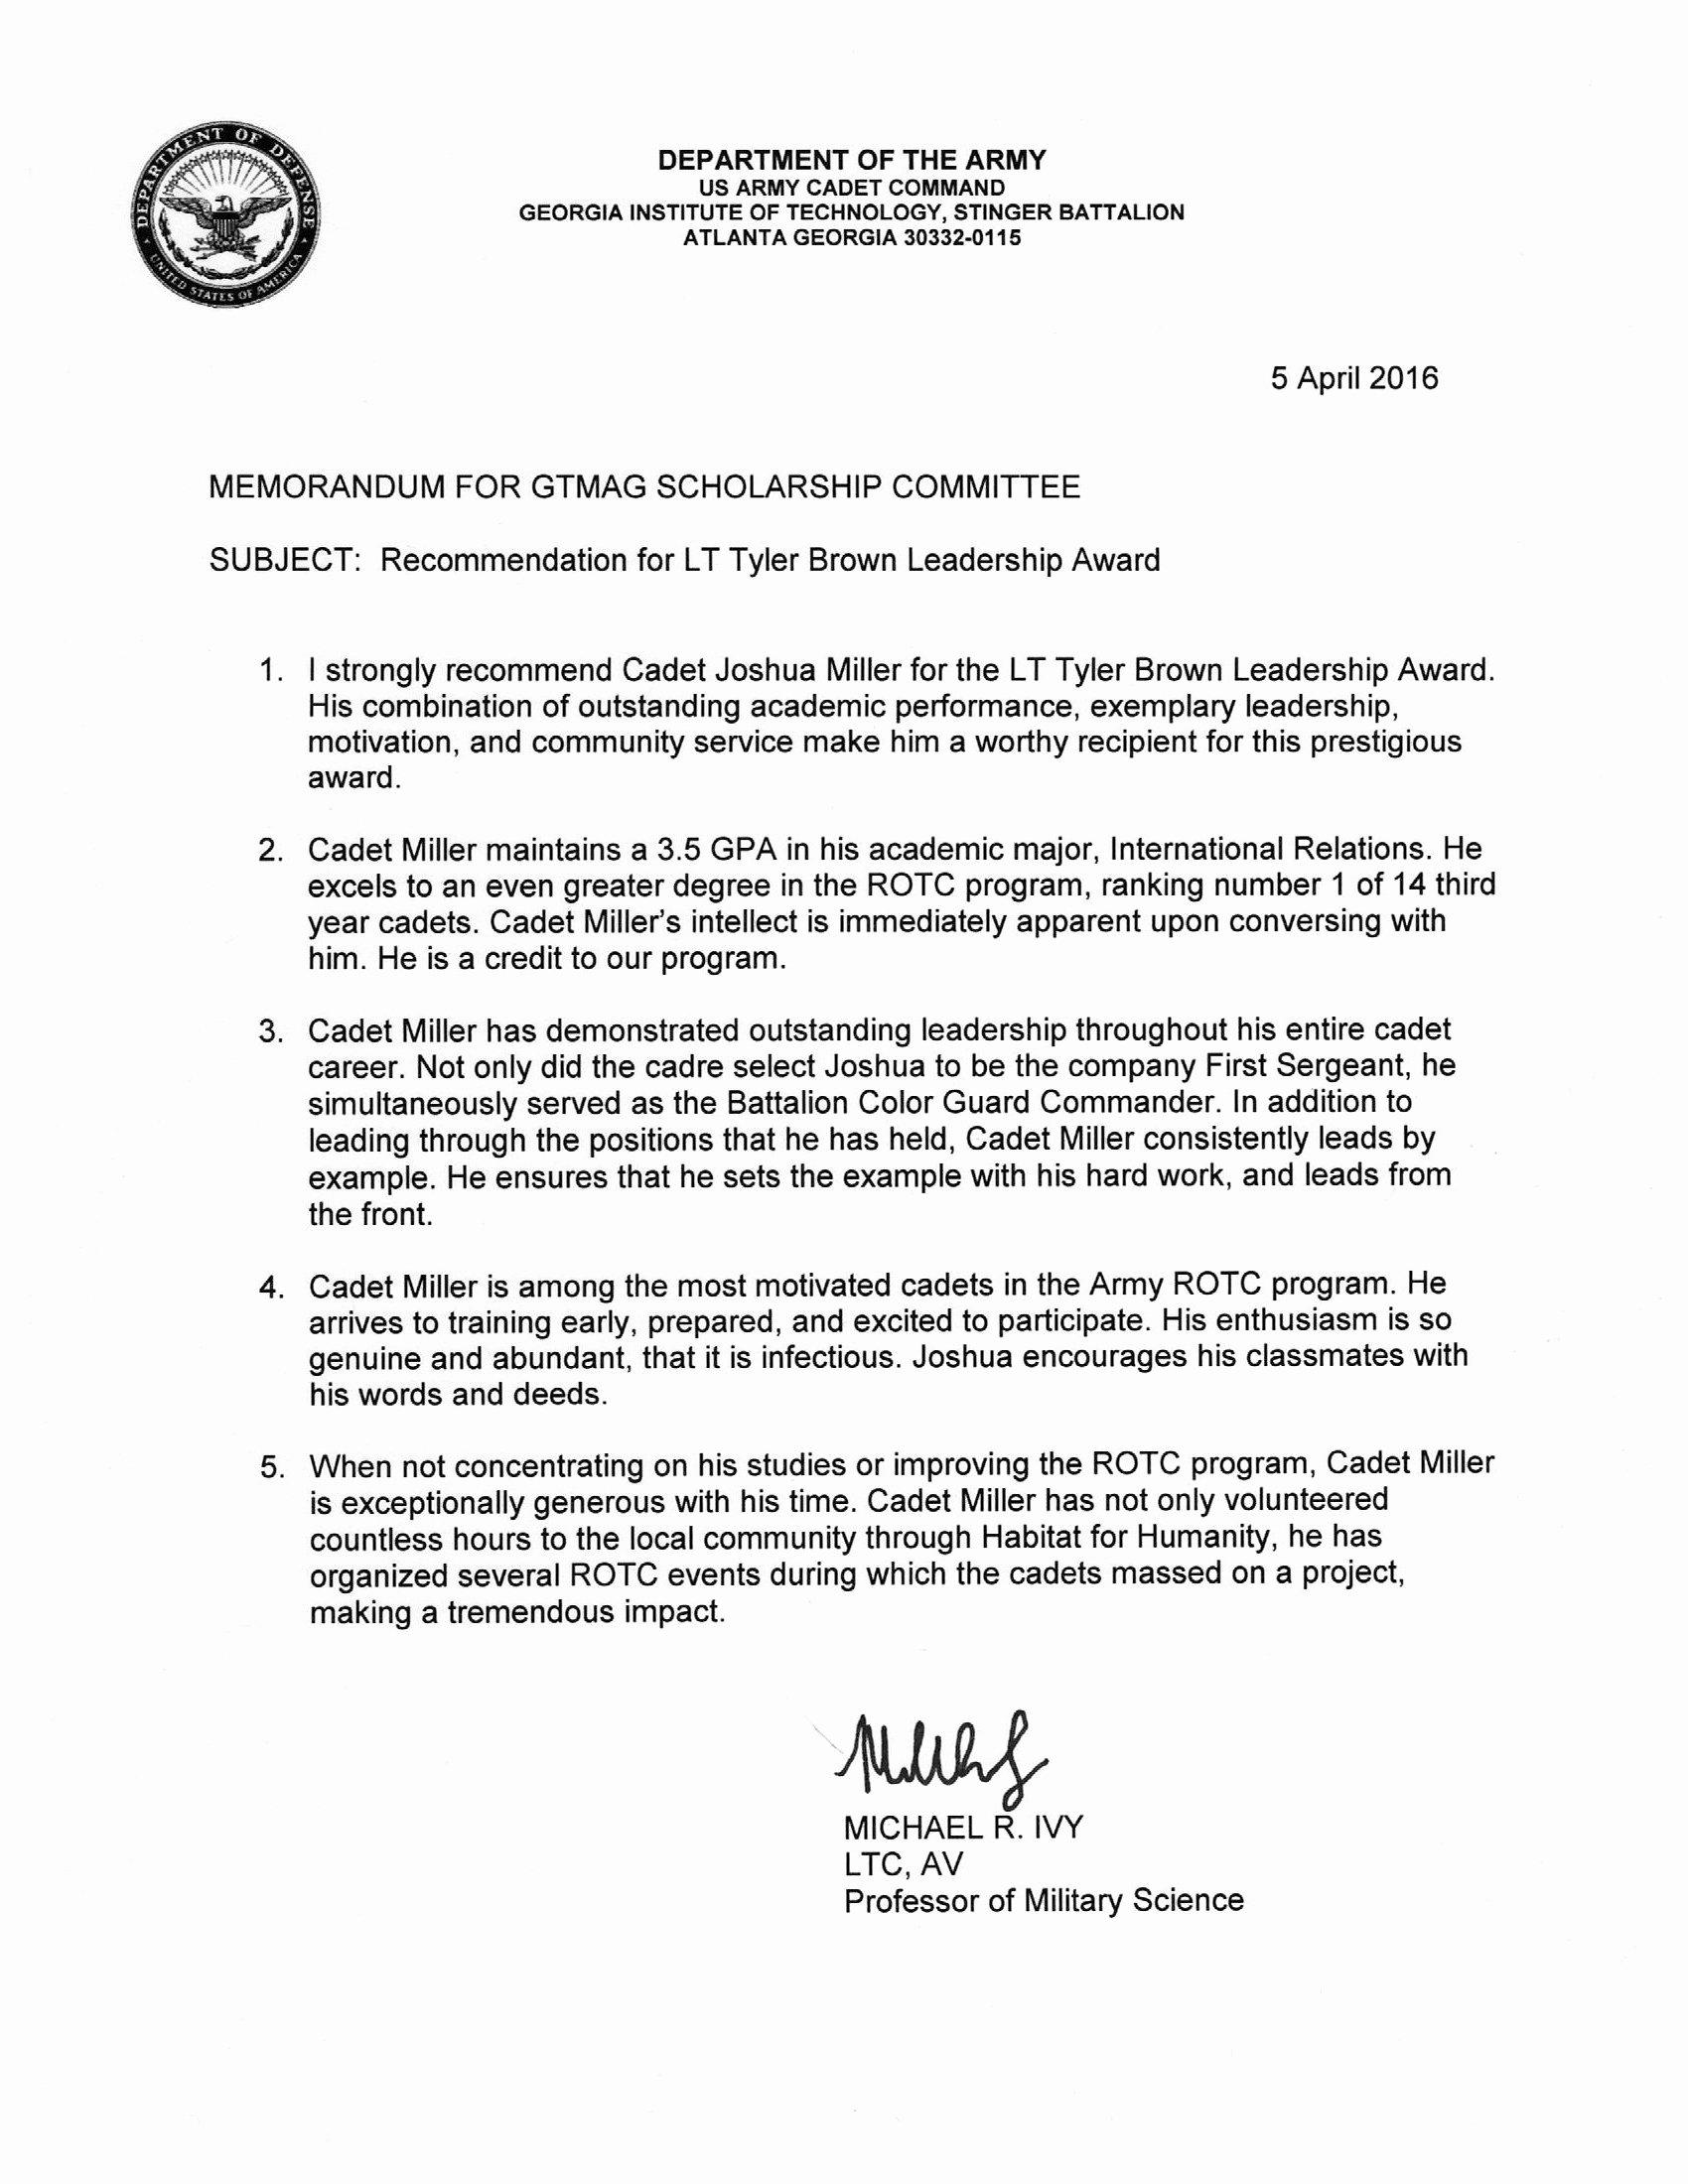 Award Recommendation Letter Sample Fresh Honoring Tyler Brown